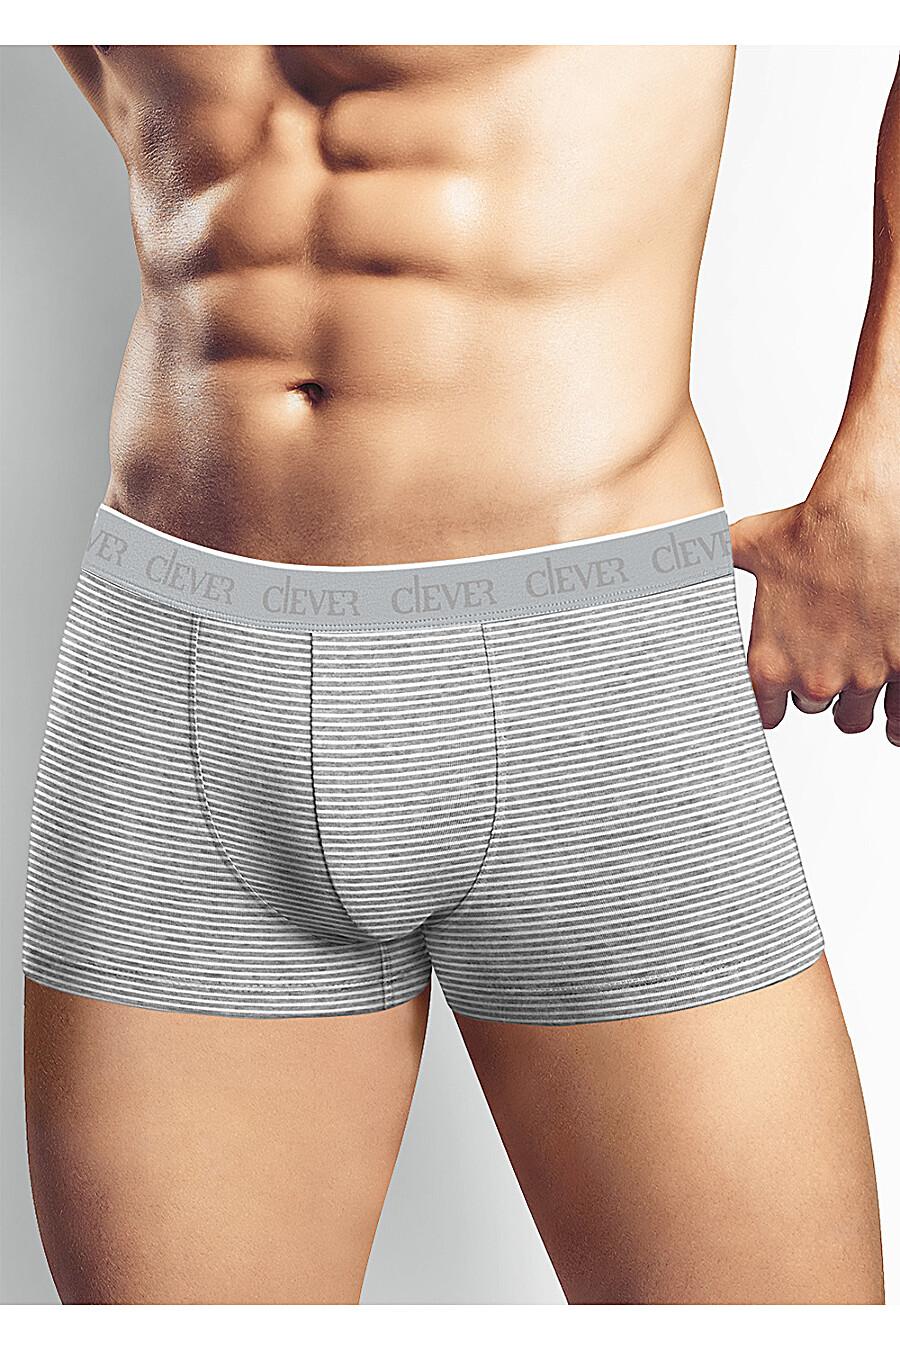 Трусы для мужчин CLEVER 155341 купить оптом от производителя. Совместная покупка мужской одежды в OptMoyo